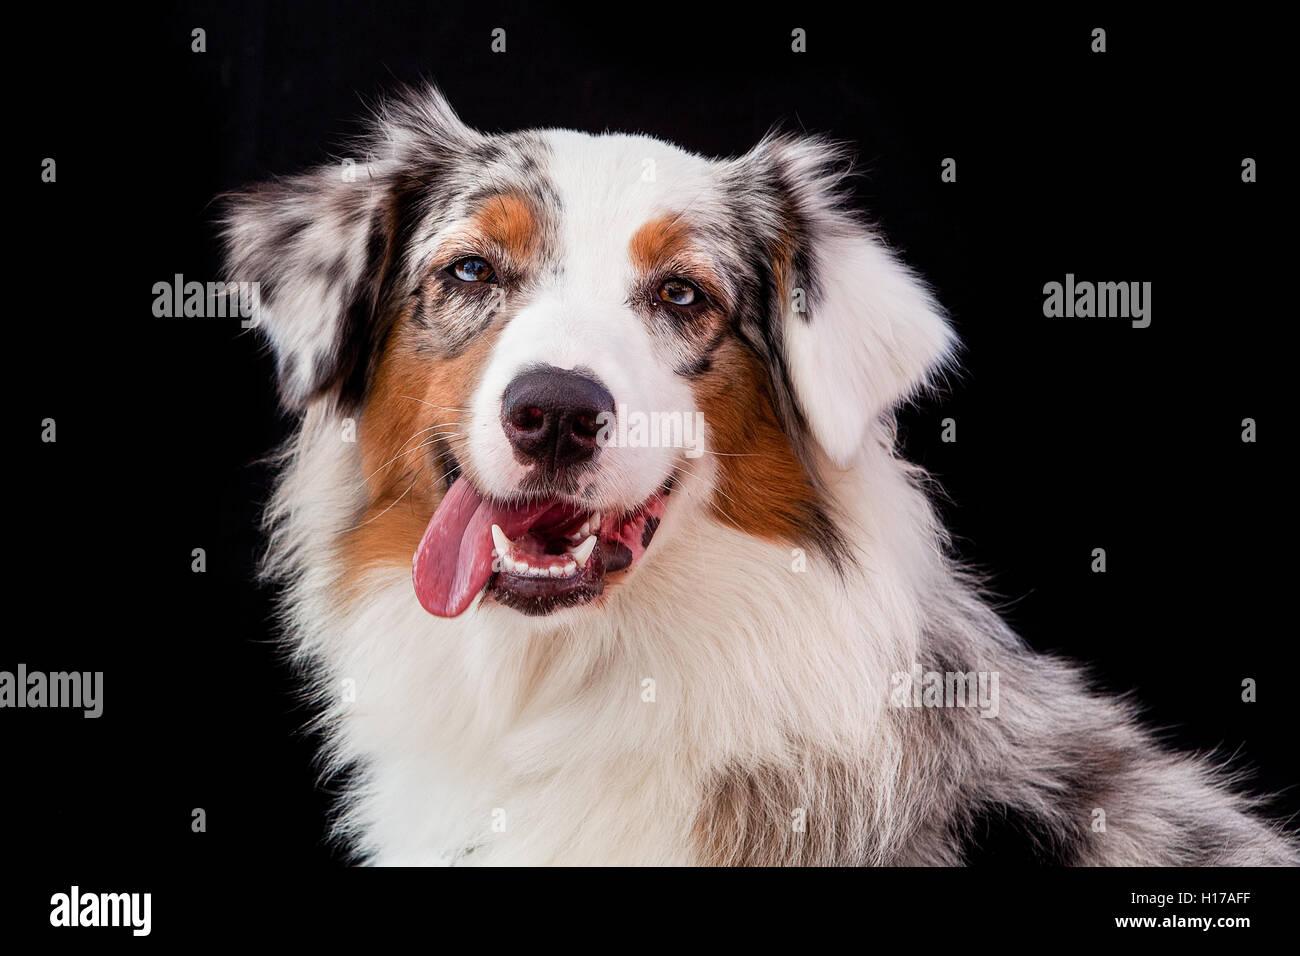 australian dog posing in black backdrop - Stock Image